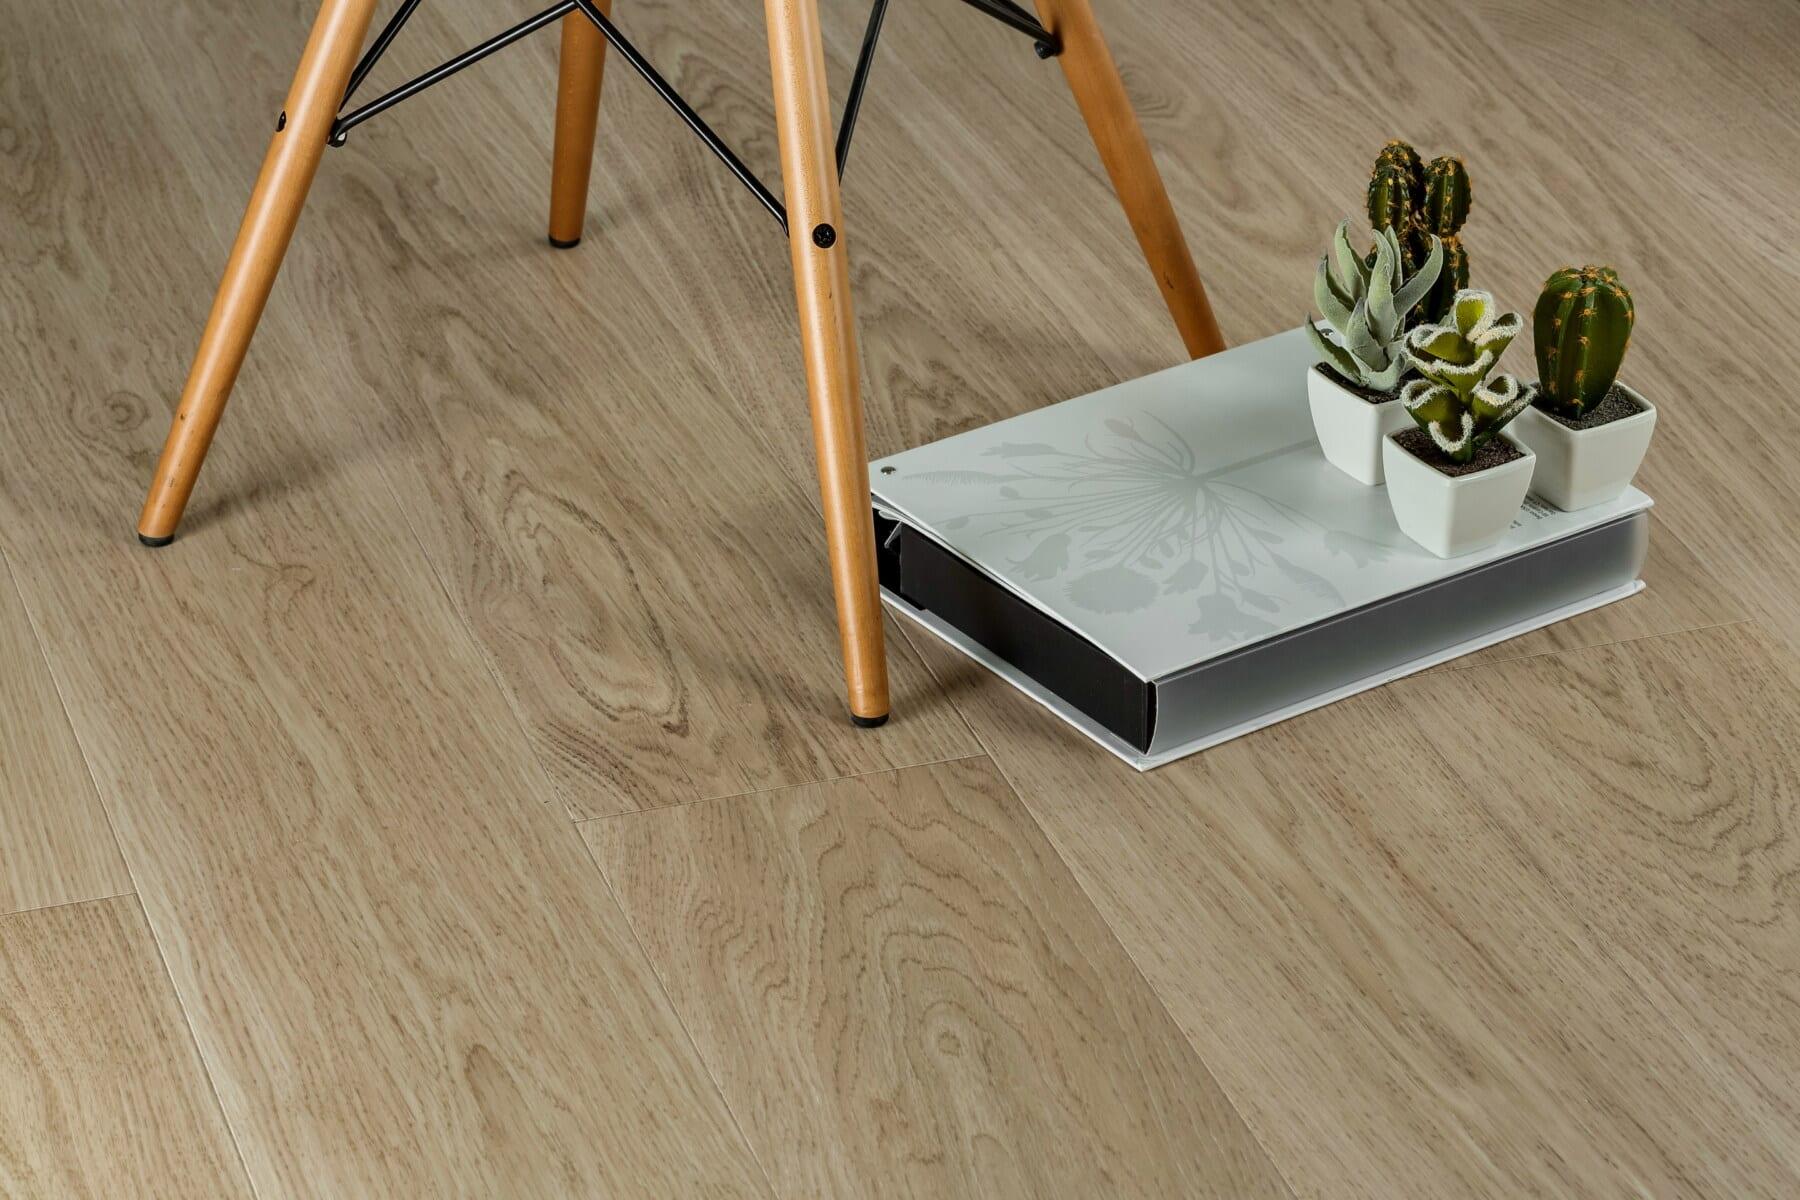 微型, 书架, 花盆, 现代, 主义, 舒适, 椅子, 地板, 室内设计, 木材